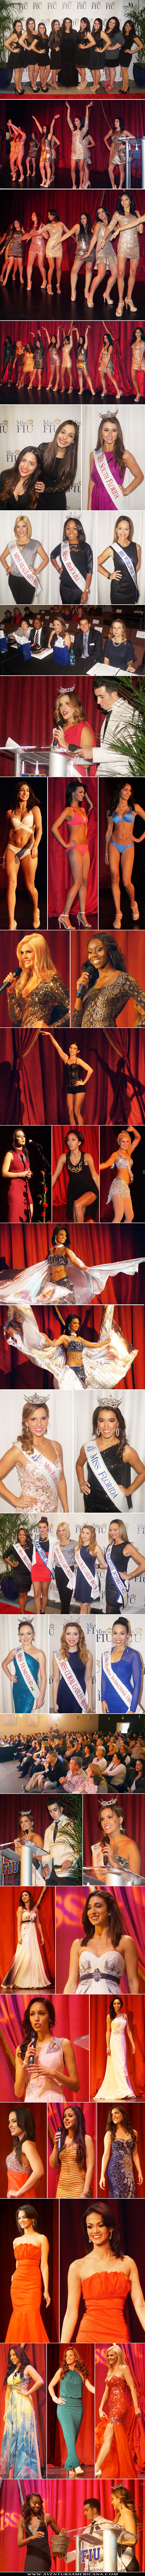 Miss FIU 2014_01